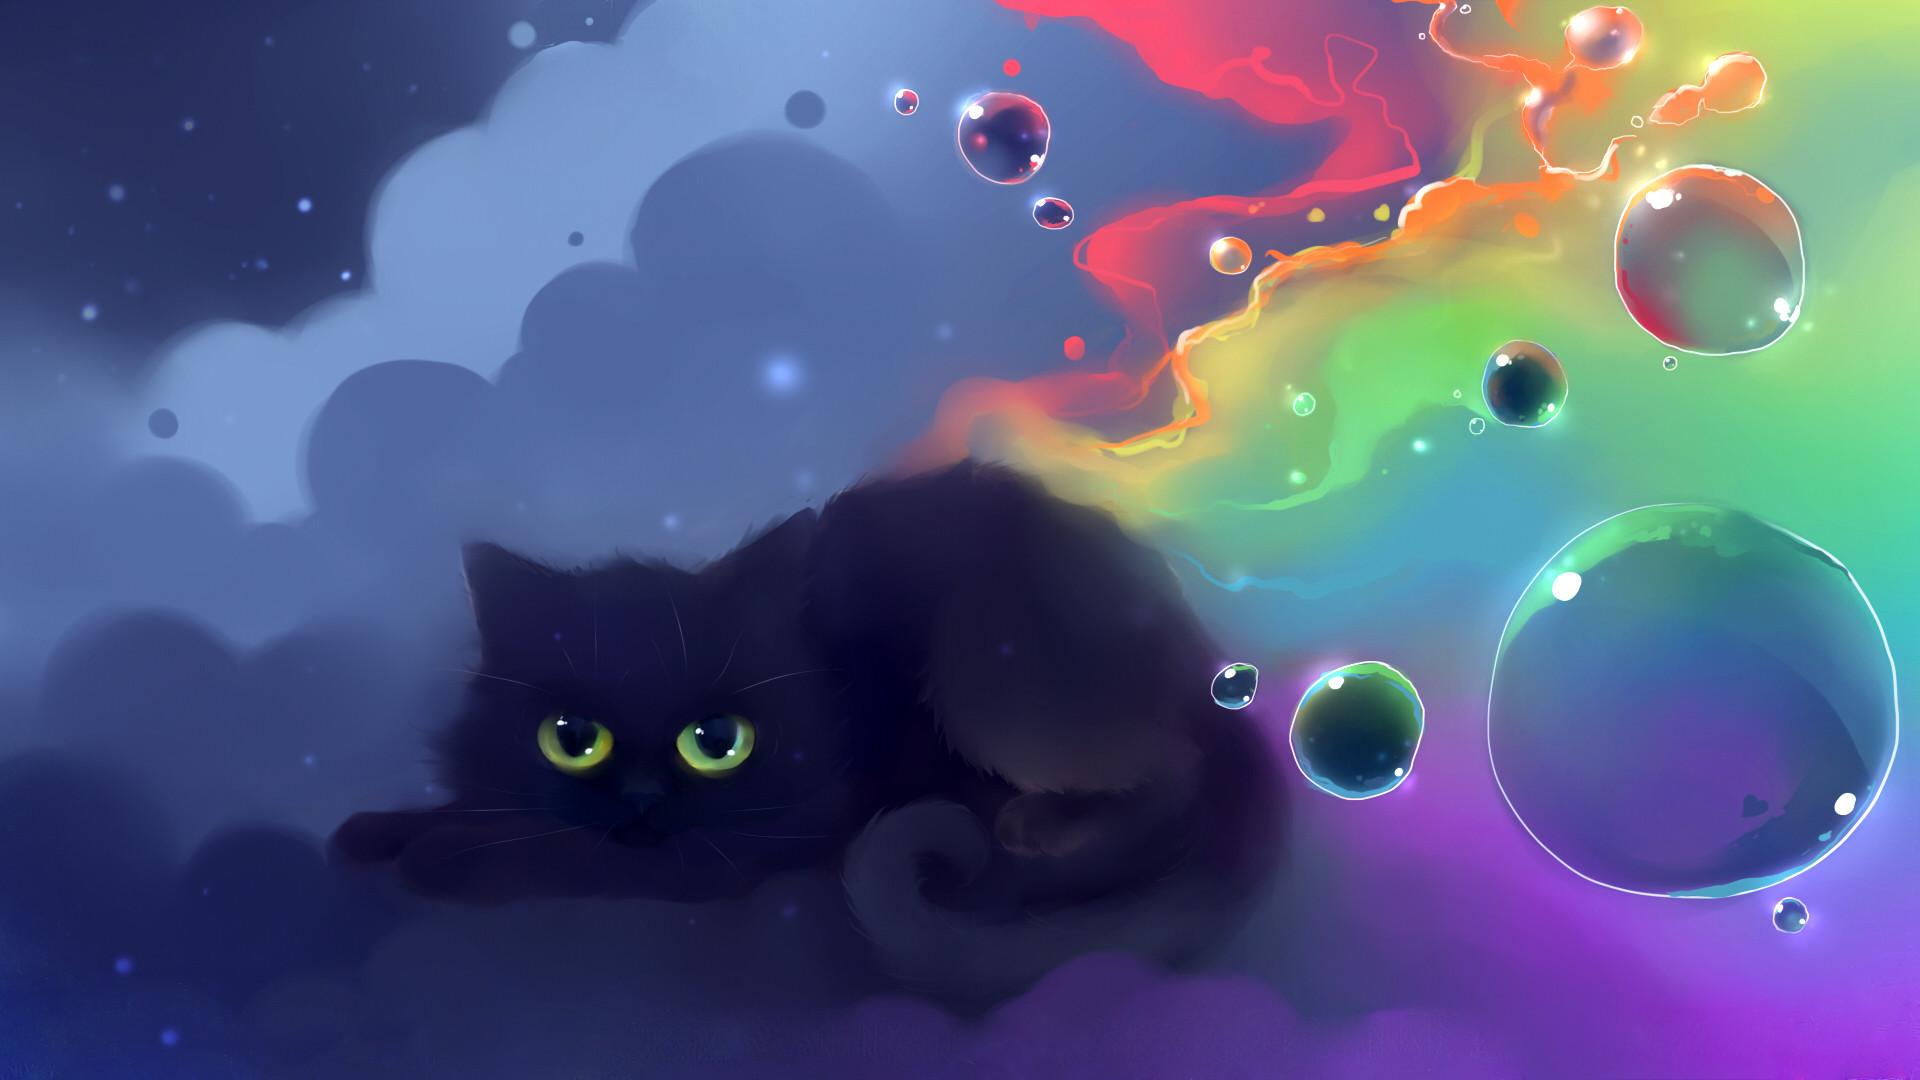 Desktop Images: Nyan Cat Windows Wallpaper, Nyan Cat Windows .